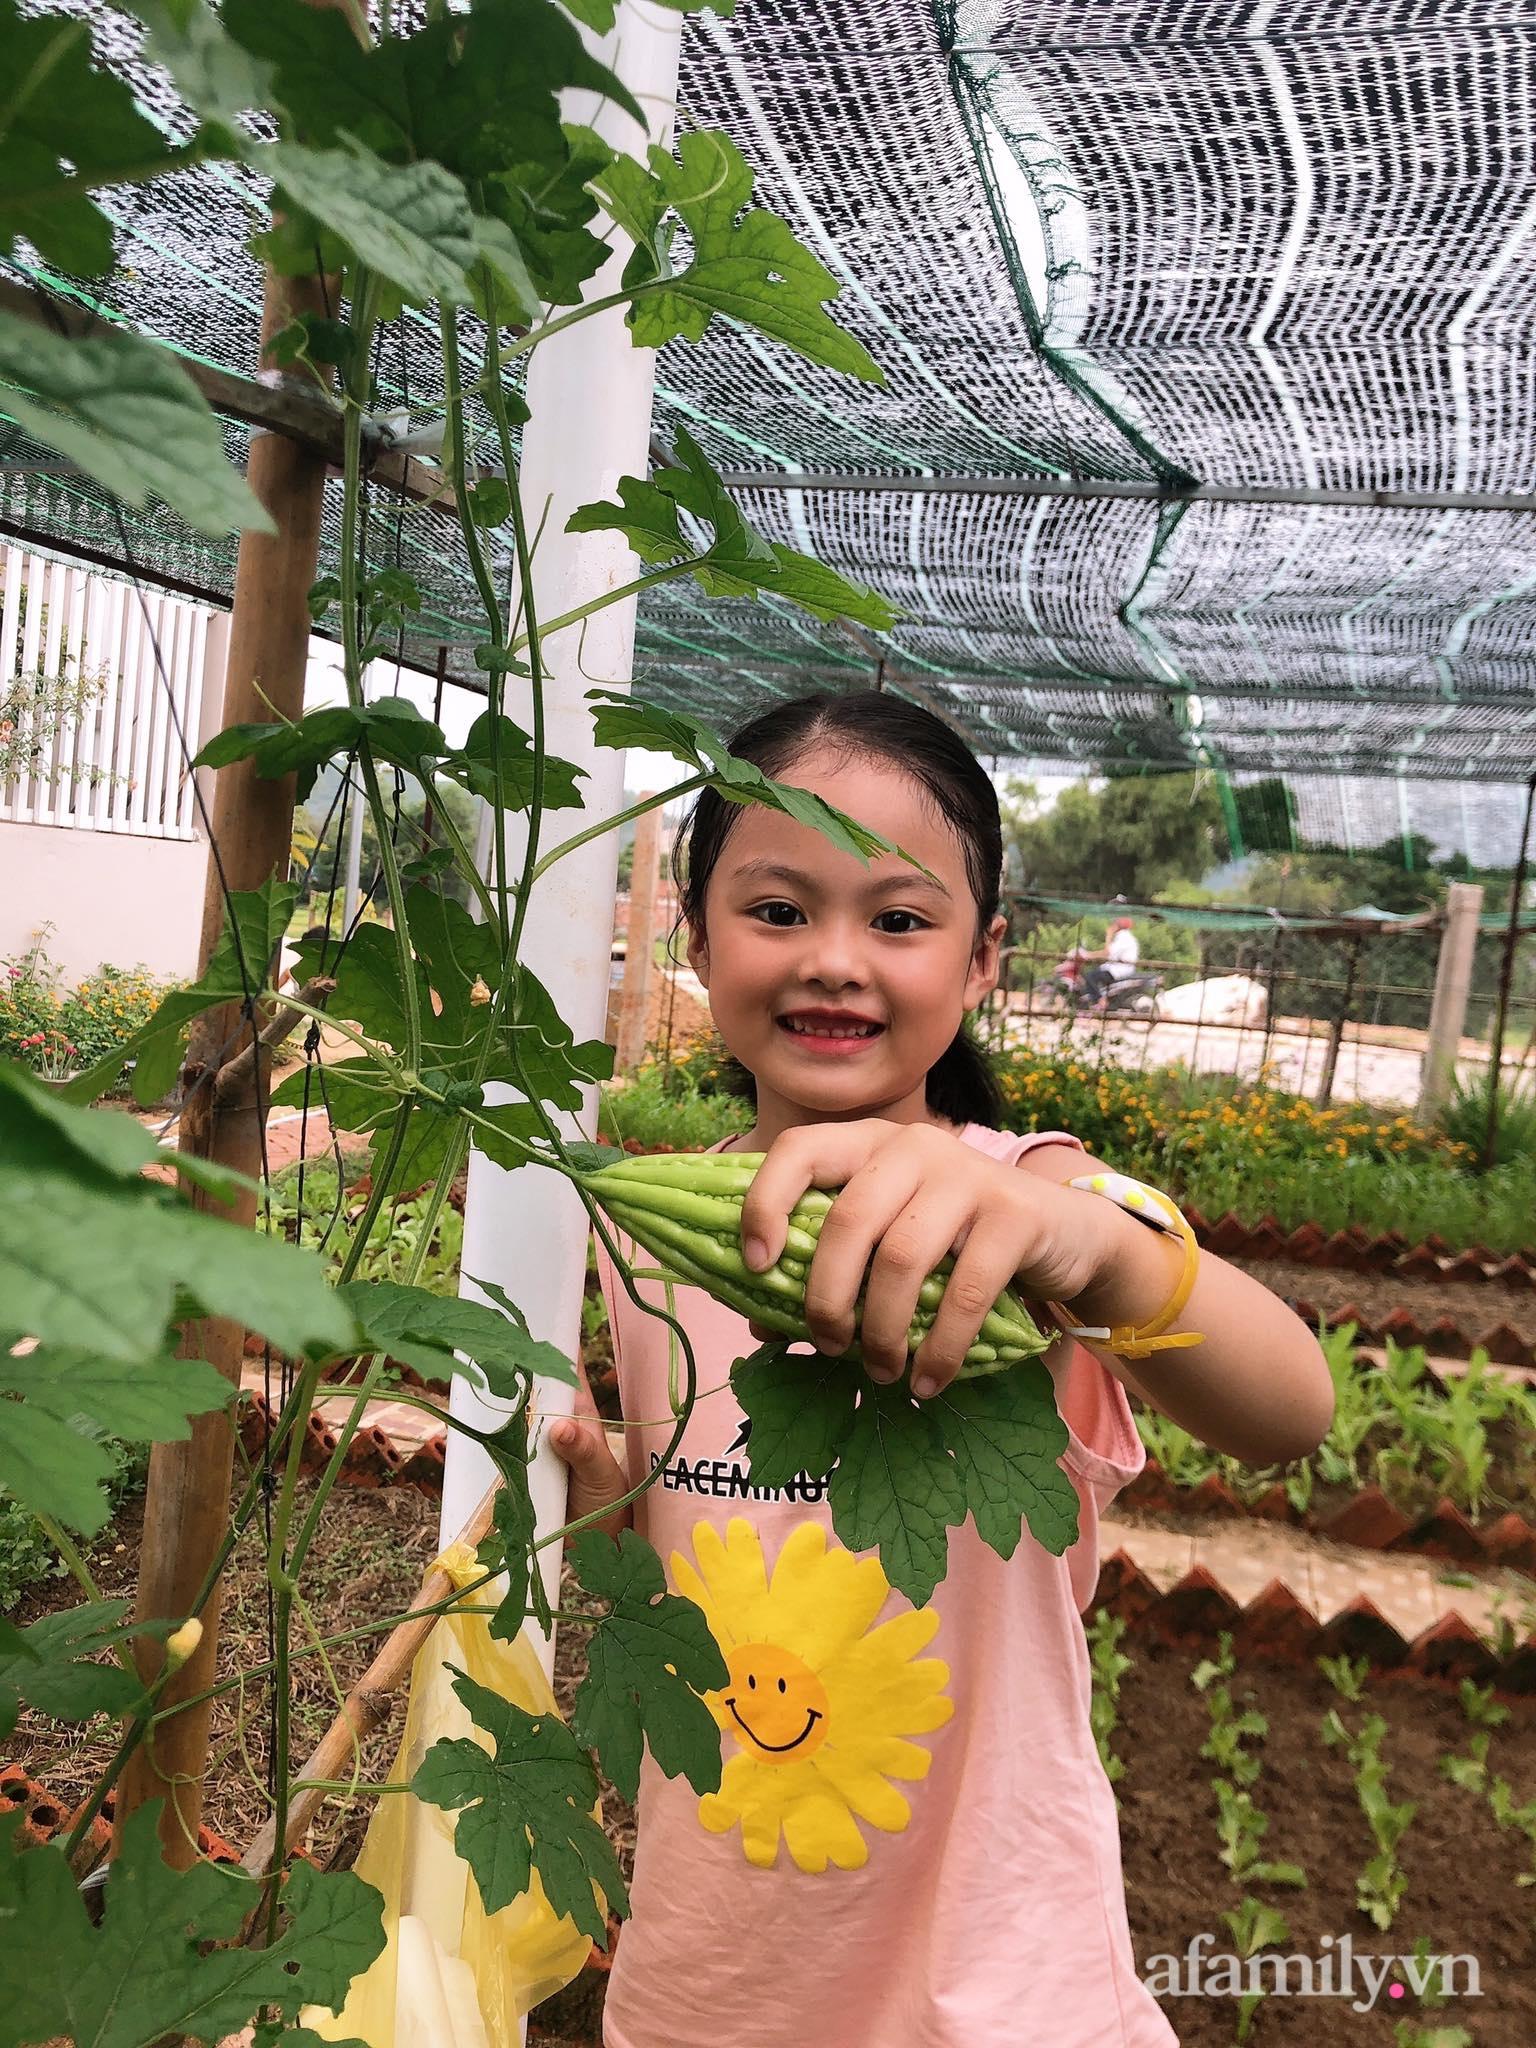 Vườn 500m² được quy hoạch khoa học để trồng đủ các loại rau quả sạch của mẹ đảm ở Quy Nhơn - Ảnh 4.